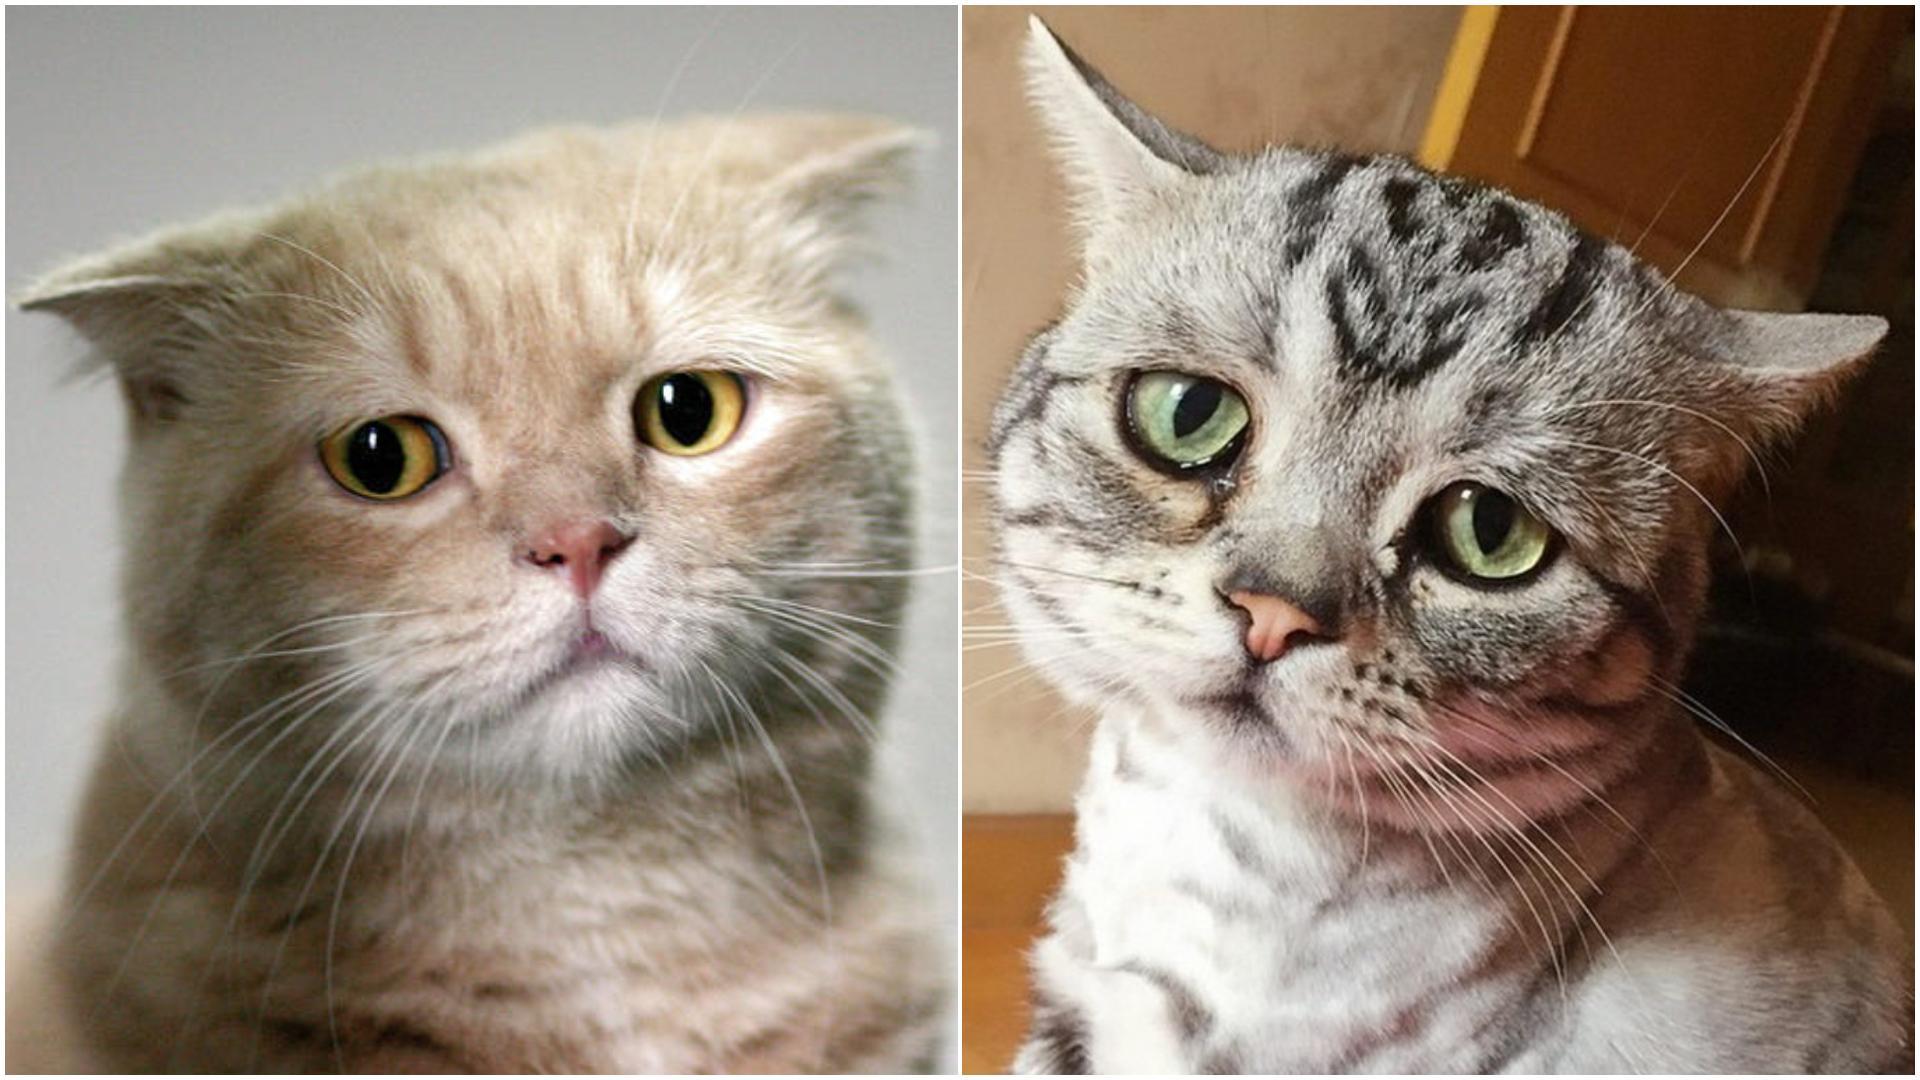 Депрессия у кошки - миф или реальное расстройство